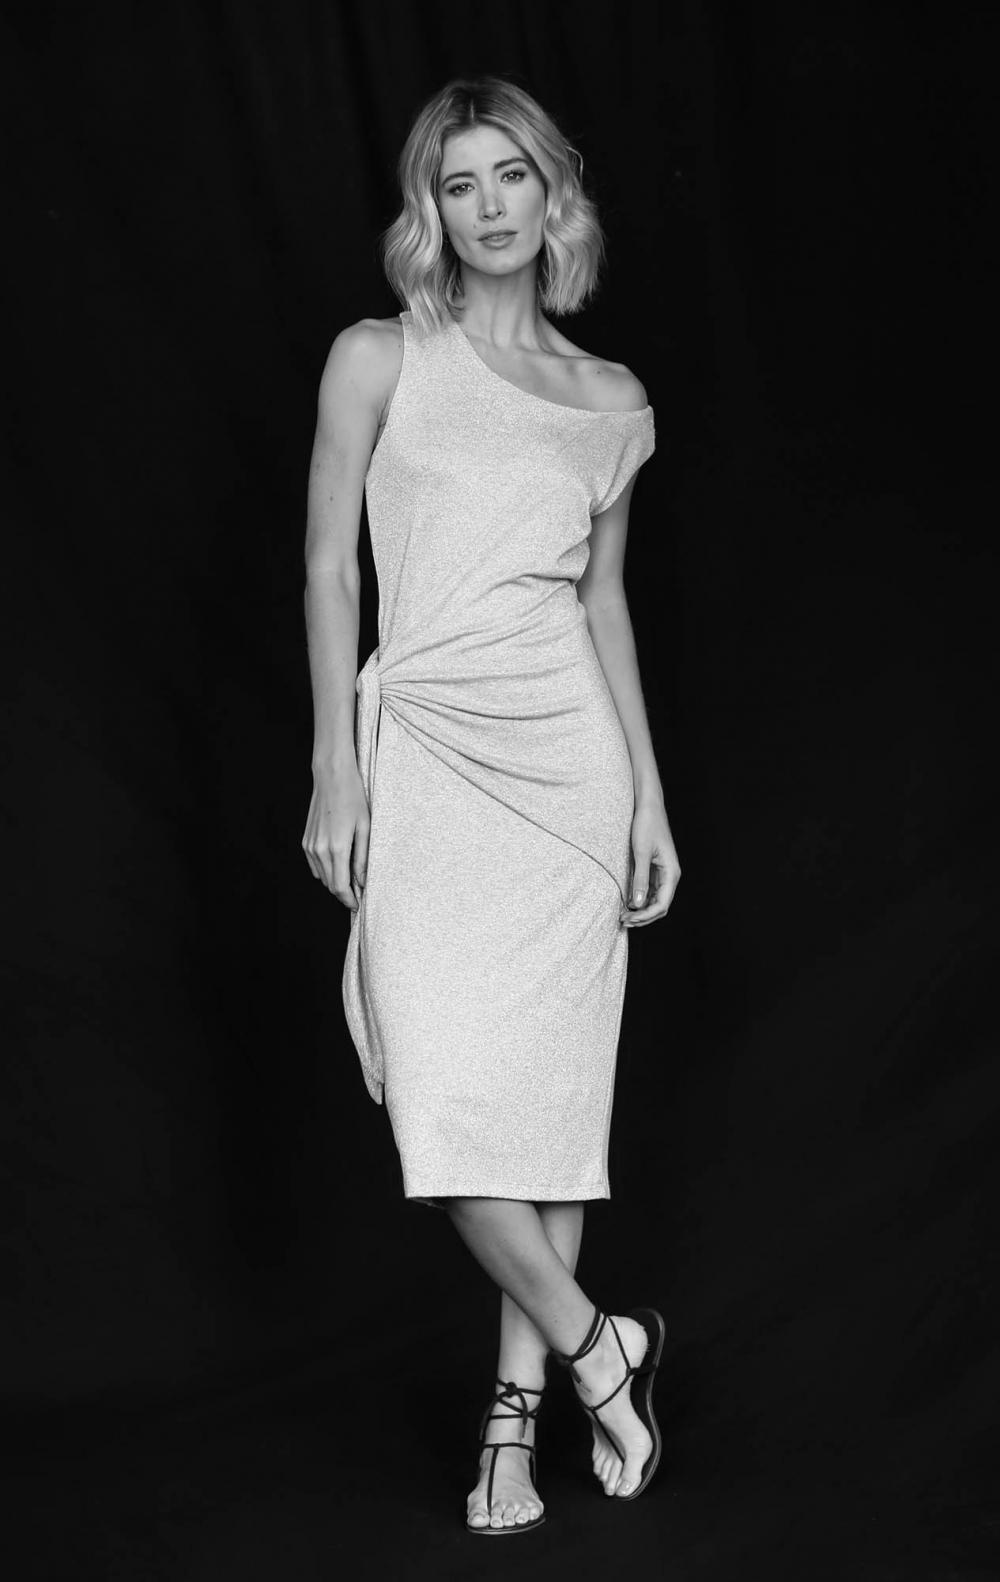 Vestido Malha Lurex Cinza  - Foto 1